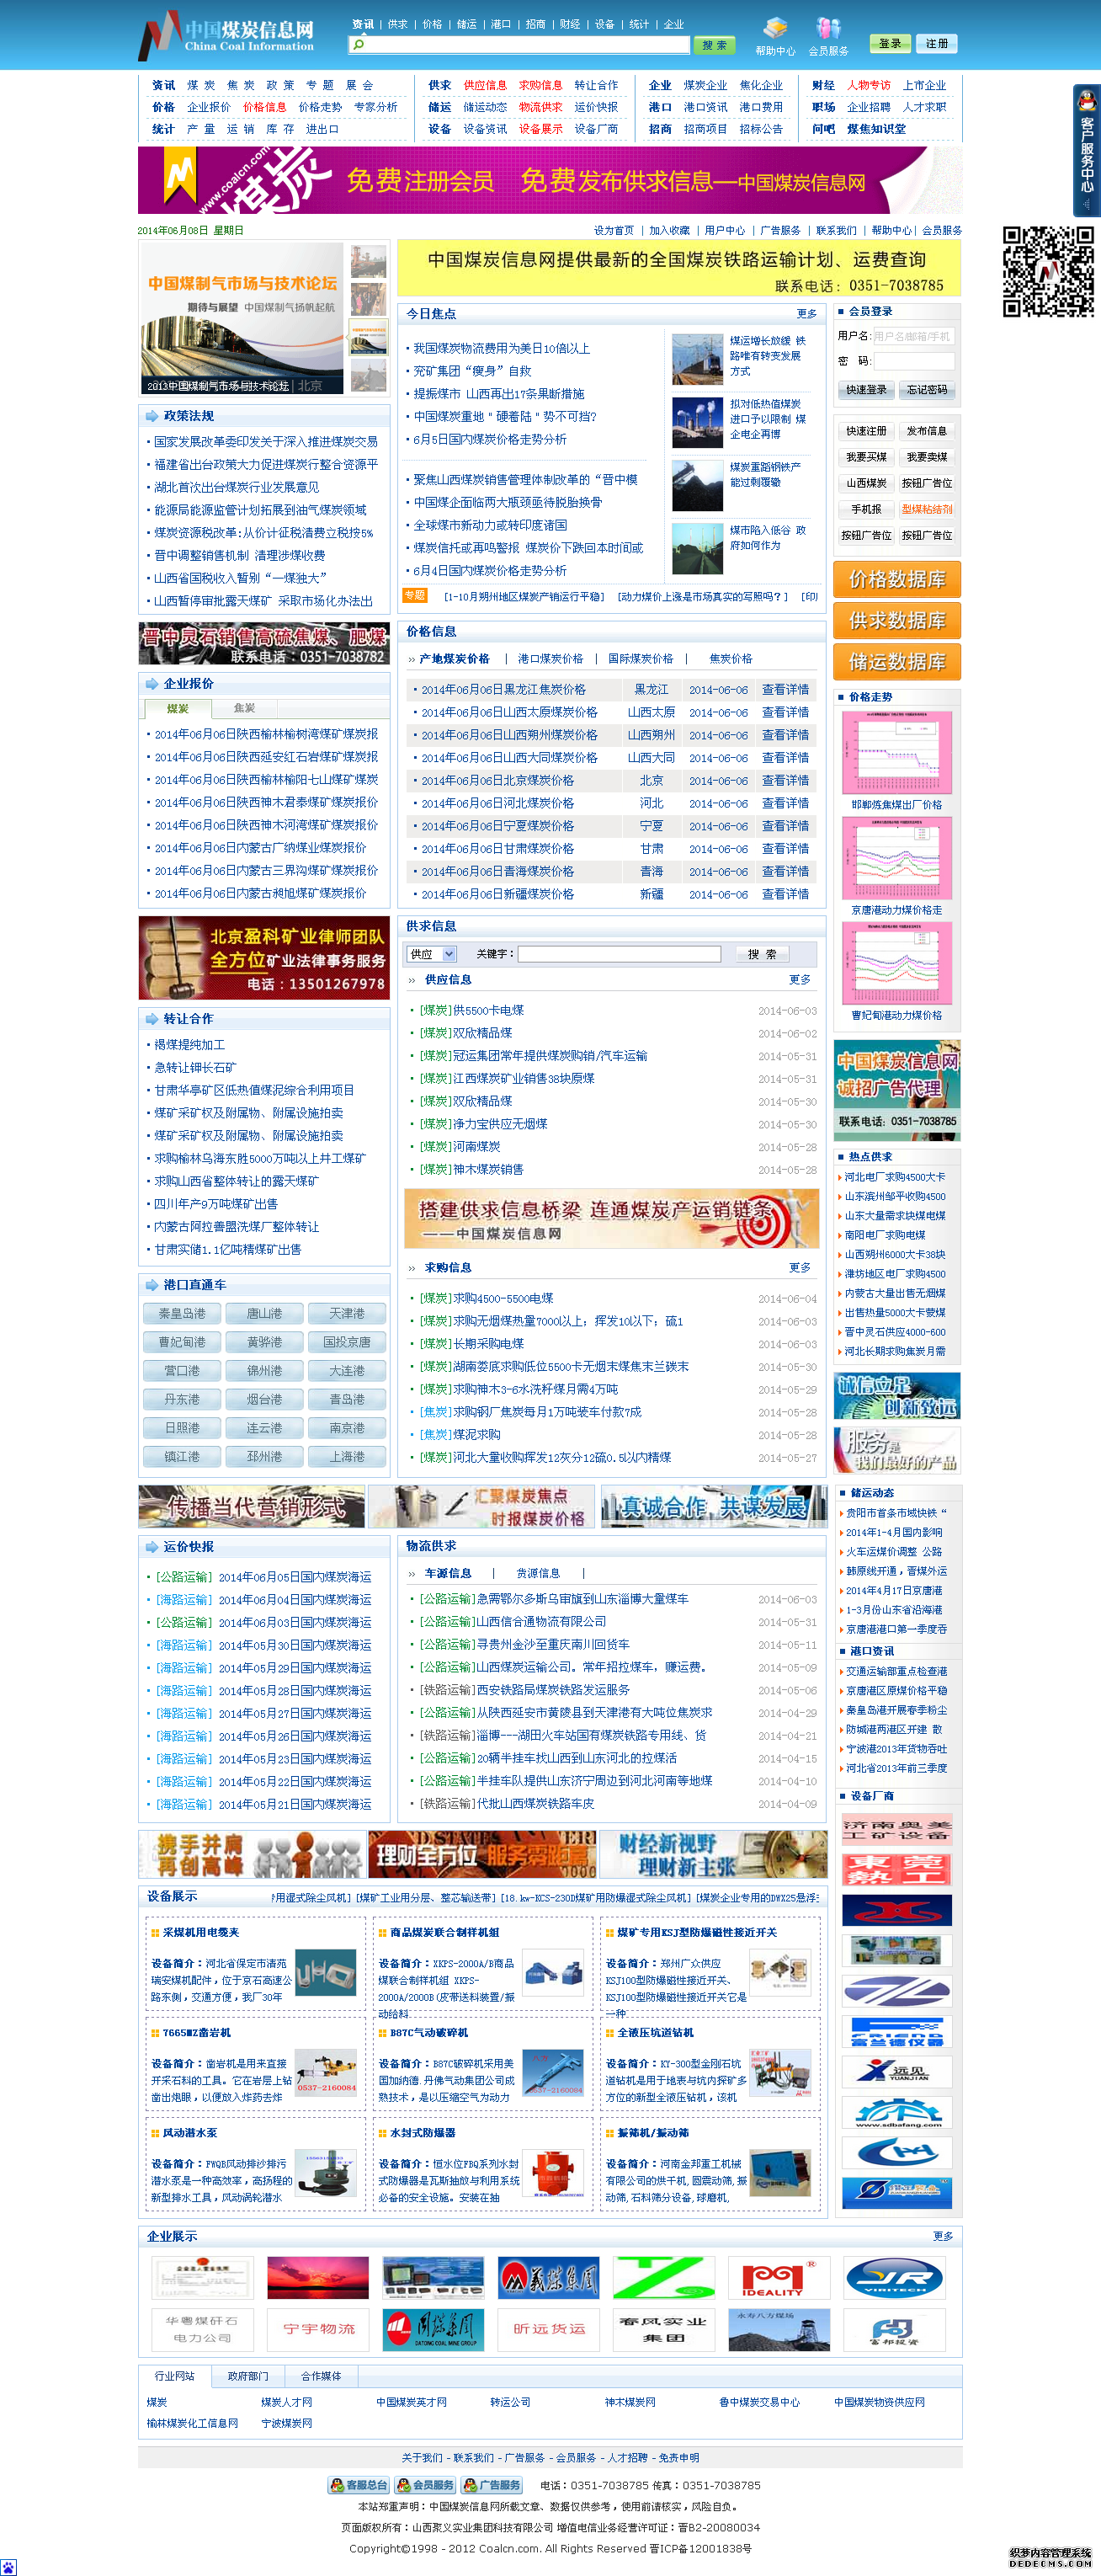 中国煤炭信息网网站网站优化案例